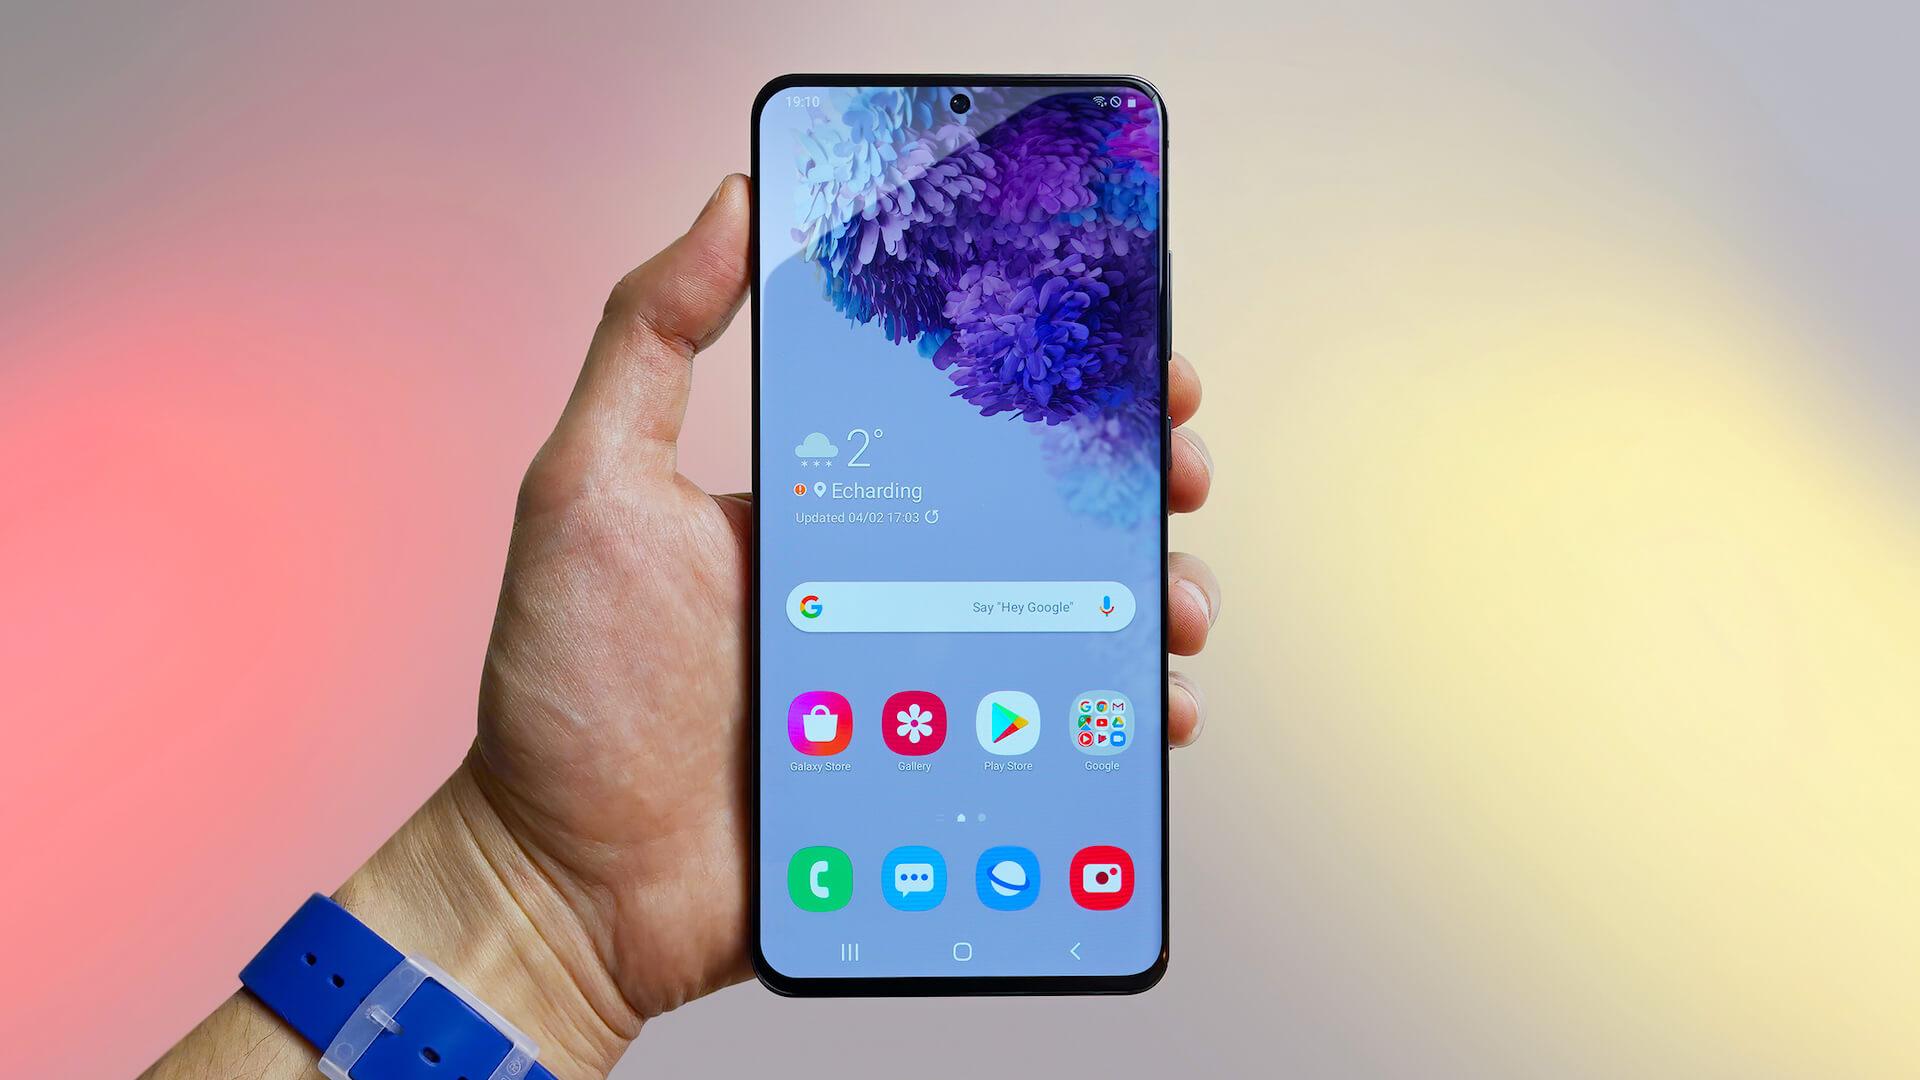 В смартфонах Samsung появился Яндекс.Браузер, который нельзя удалить